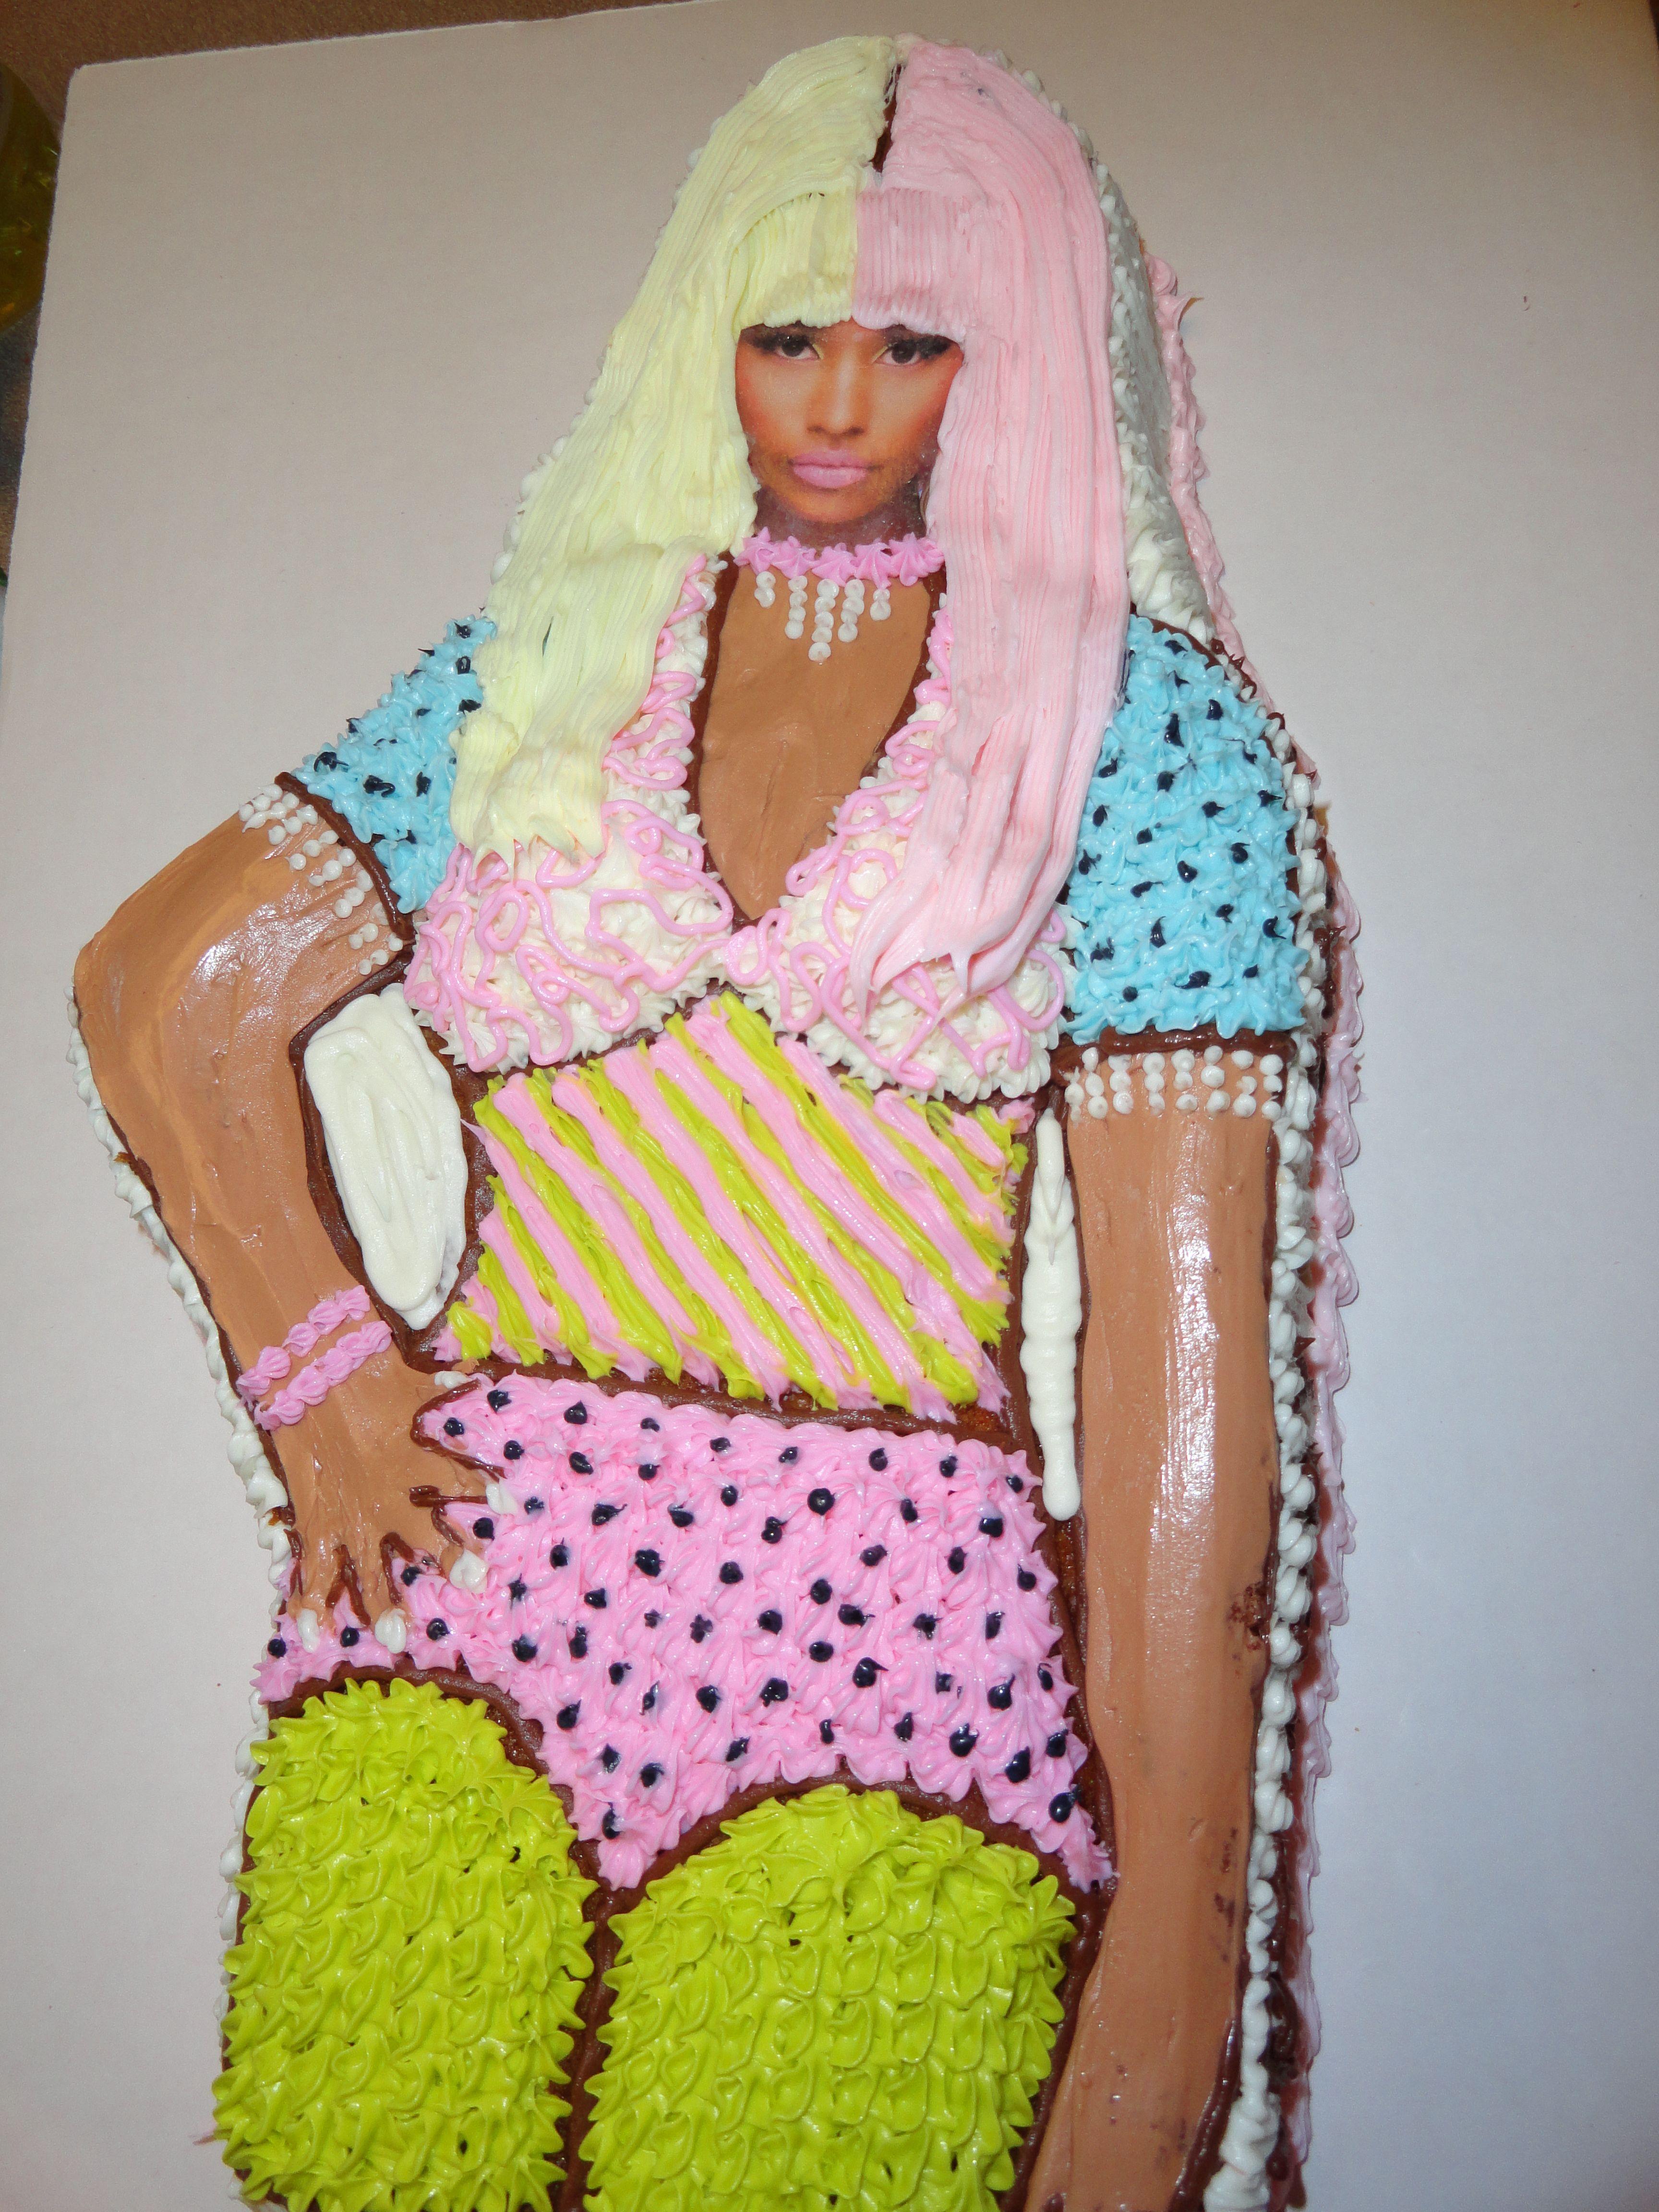 My Nicki Minaj Cake